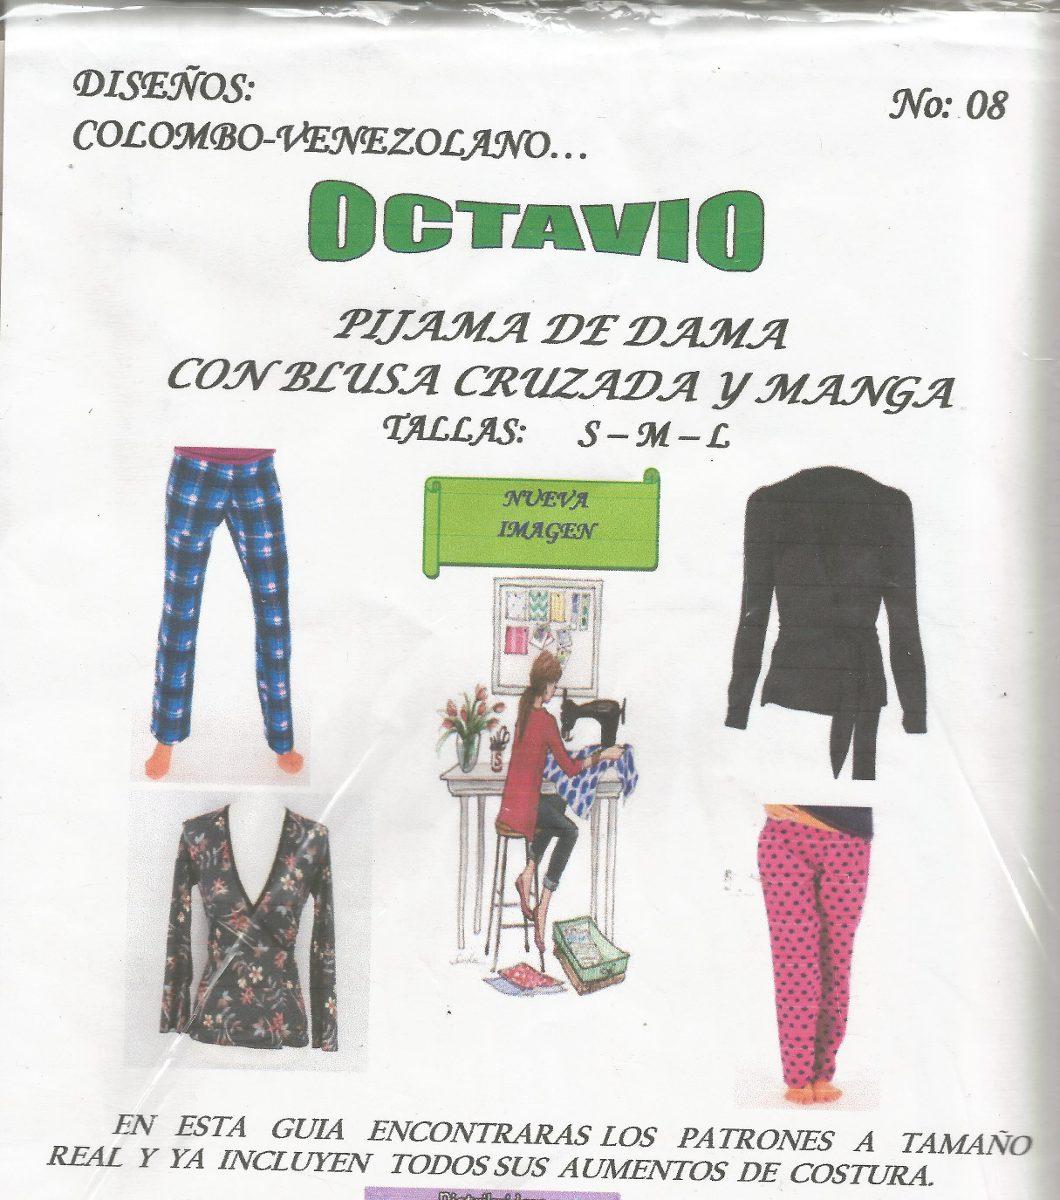 Patrones Octavio Pijama Para Damas - Bs. 450,11 en Mercado Libre